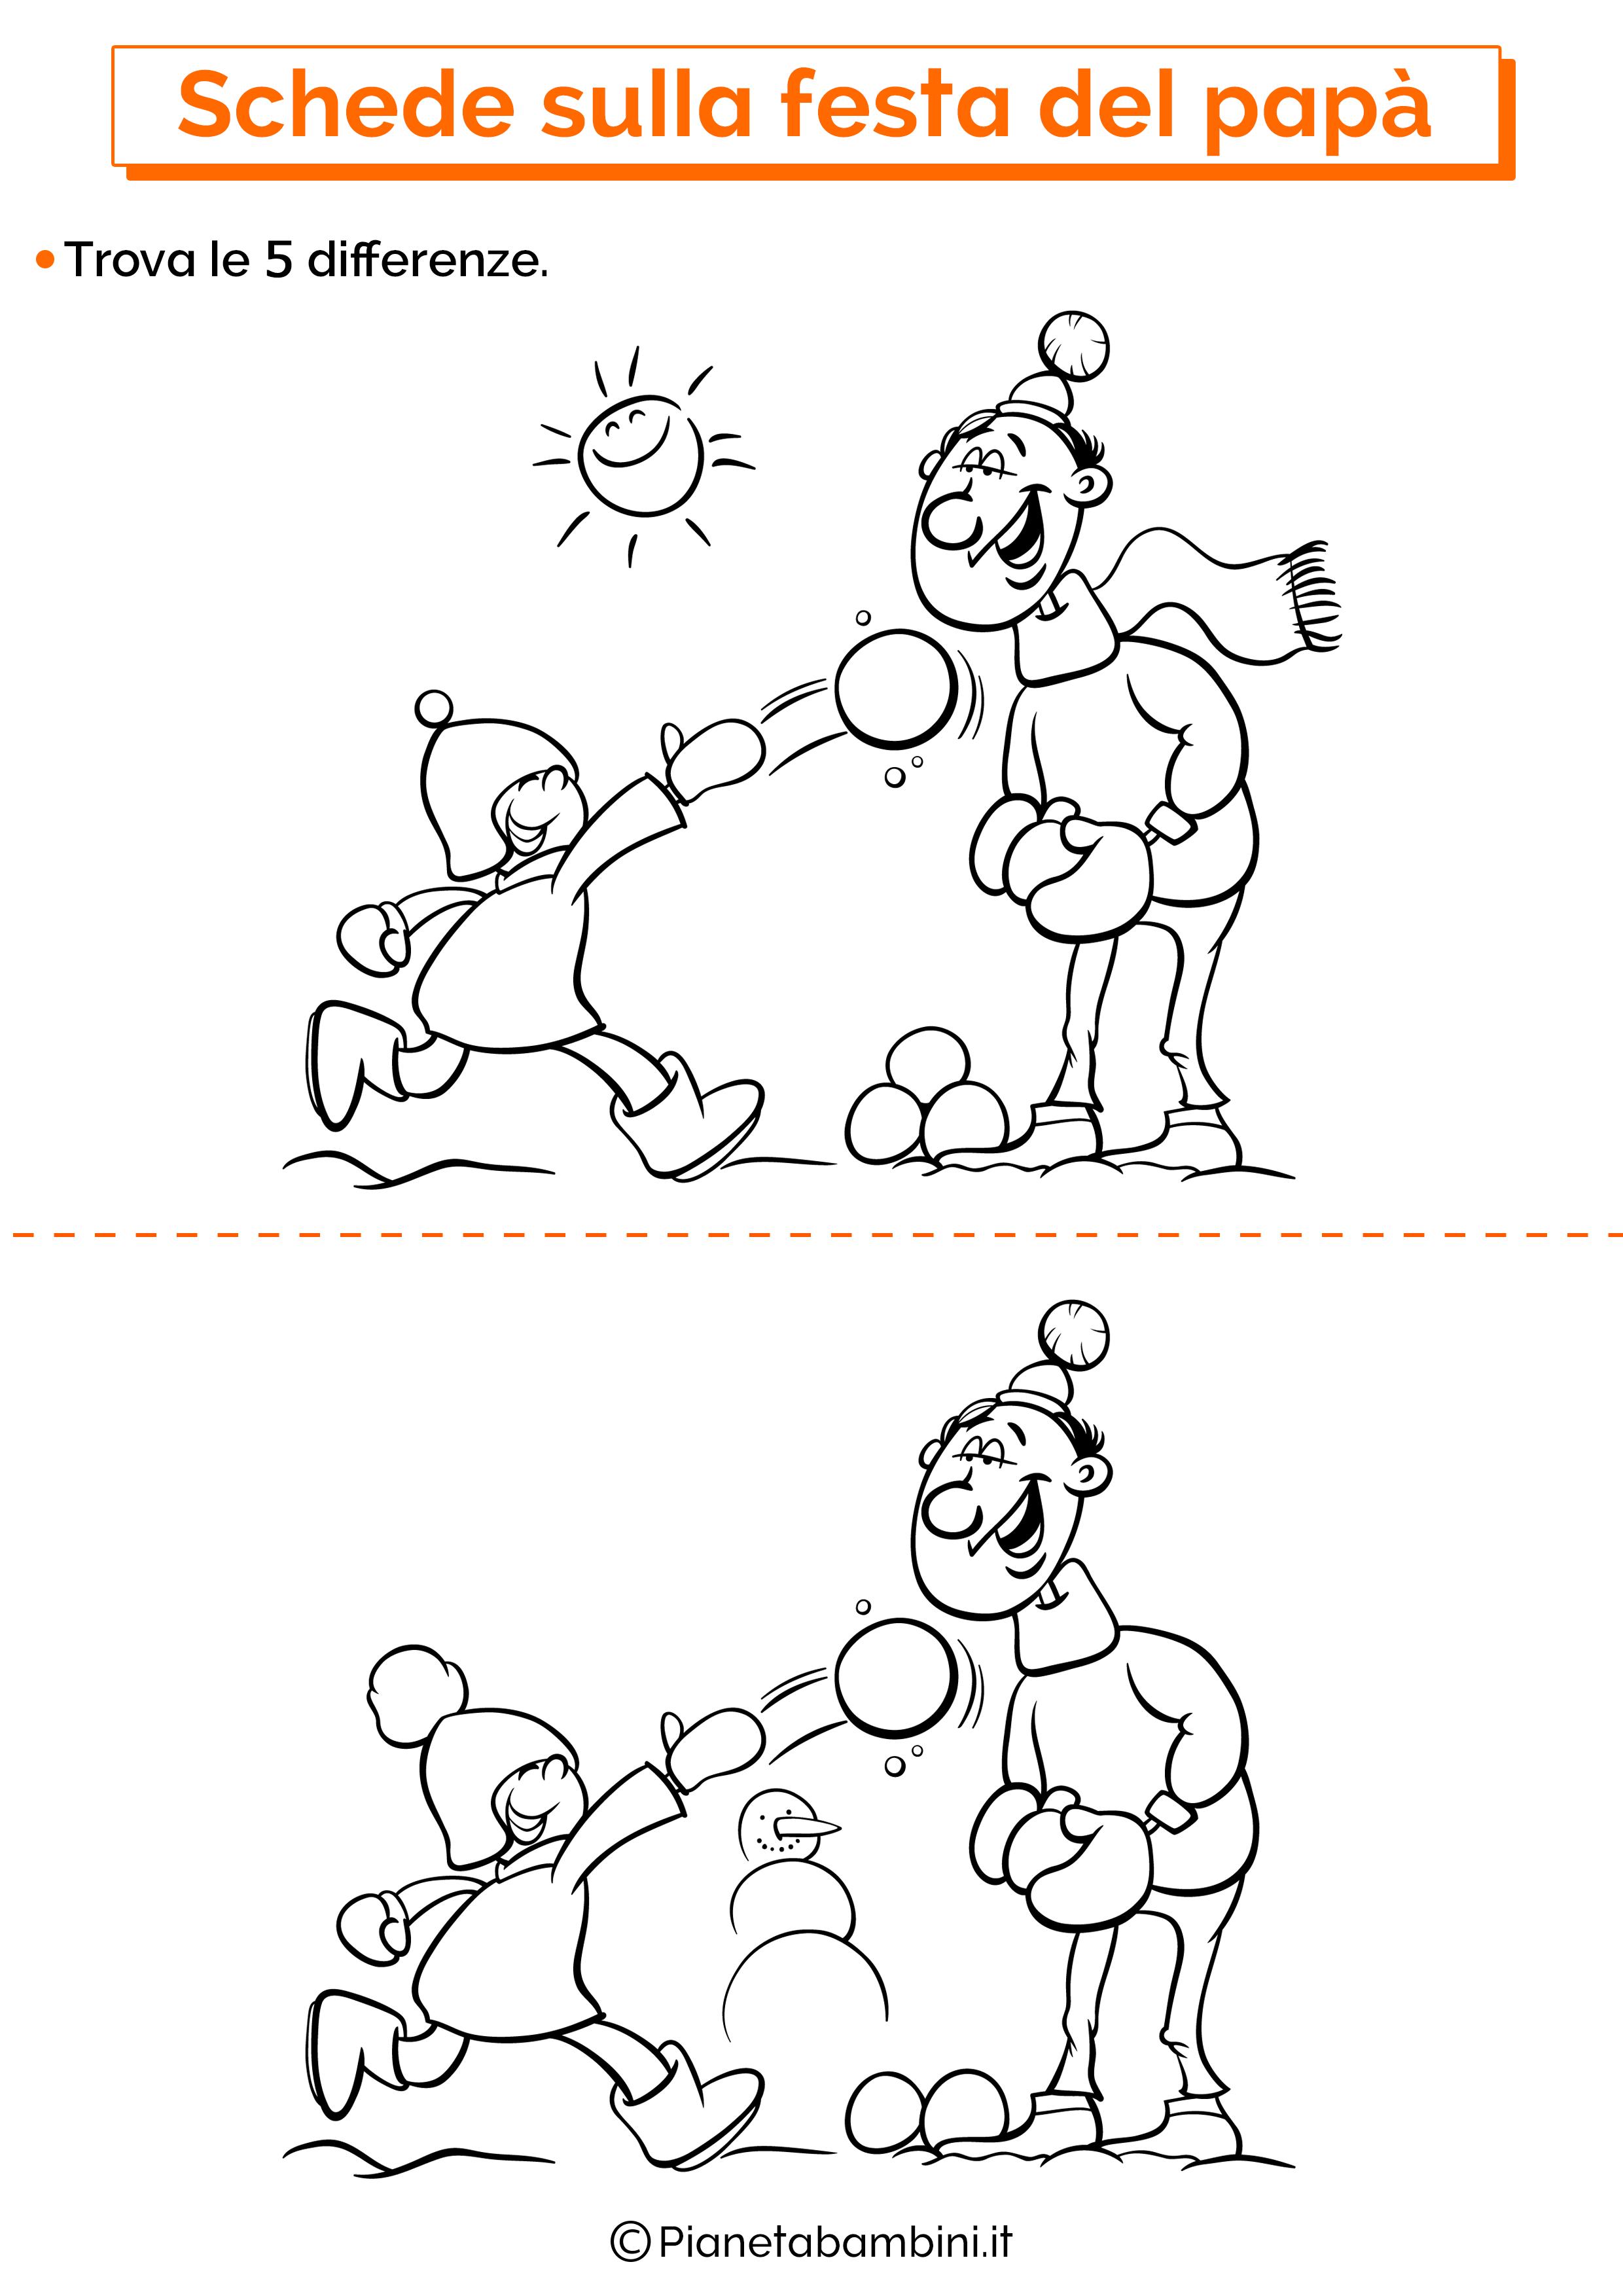 Scheda sulla festa del papà per la scuola dell'infanzia 3